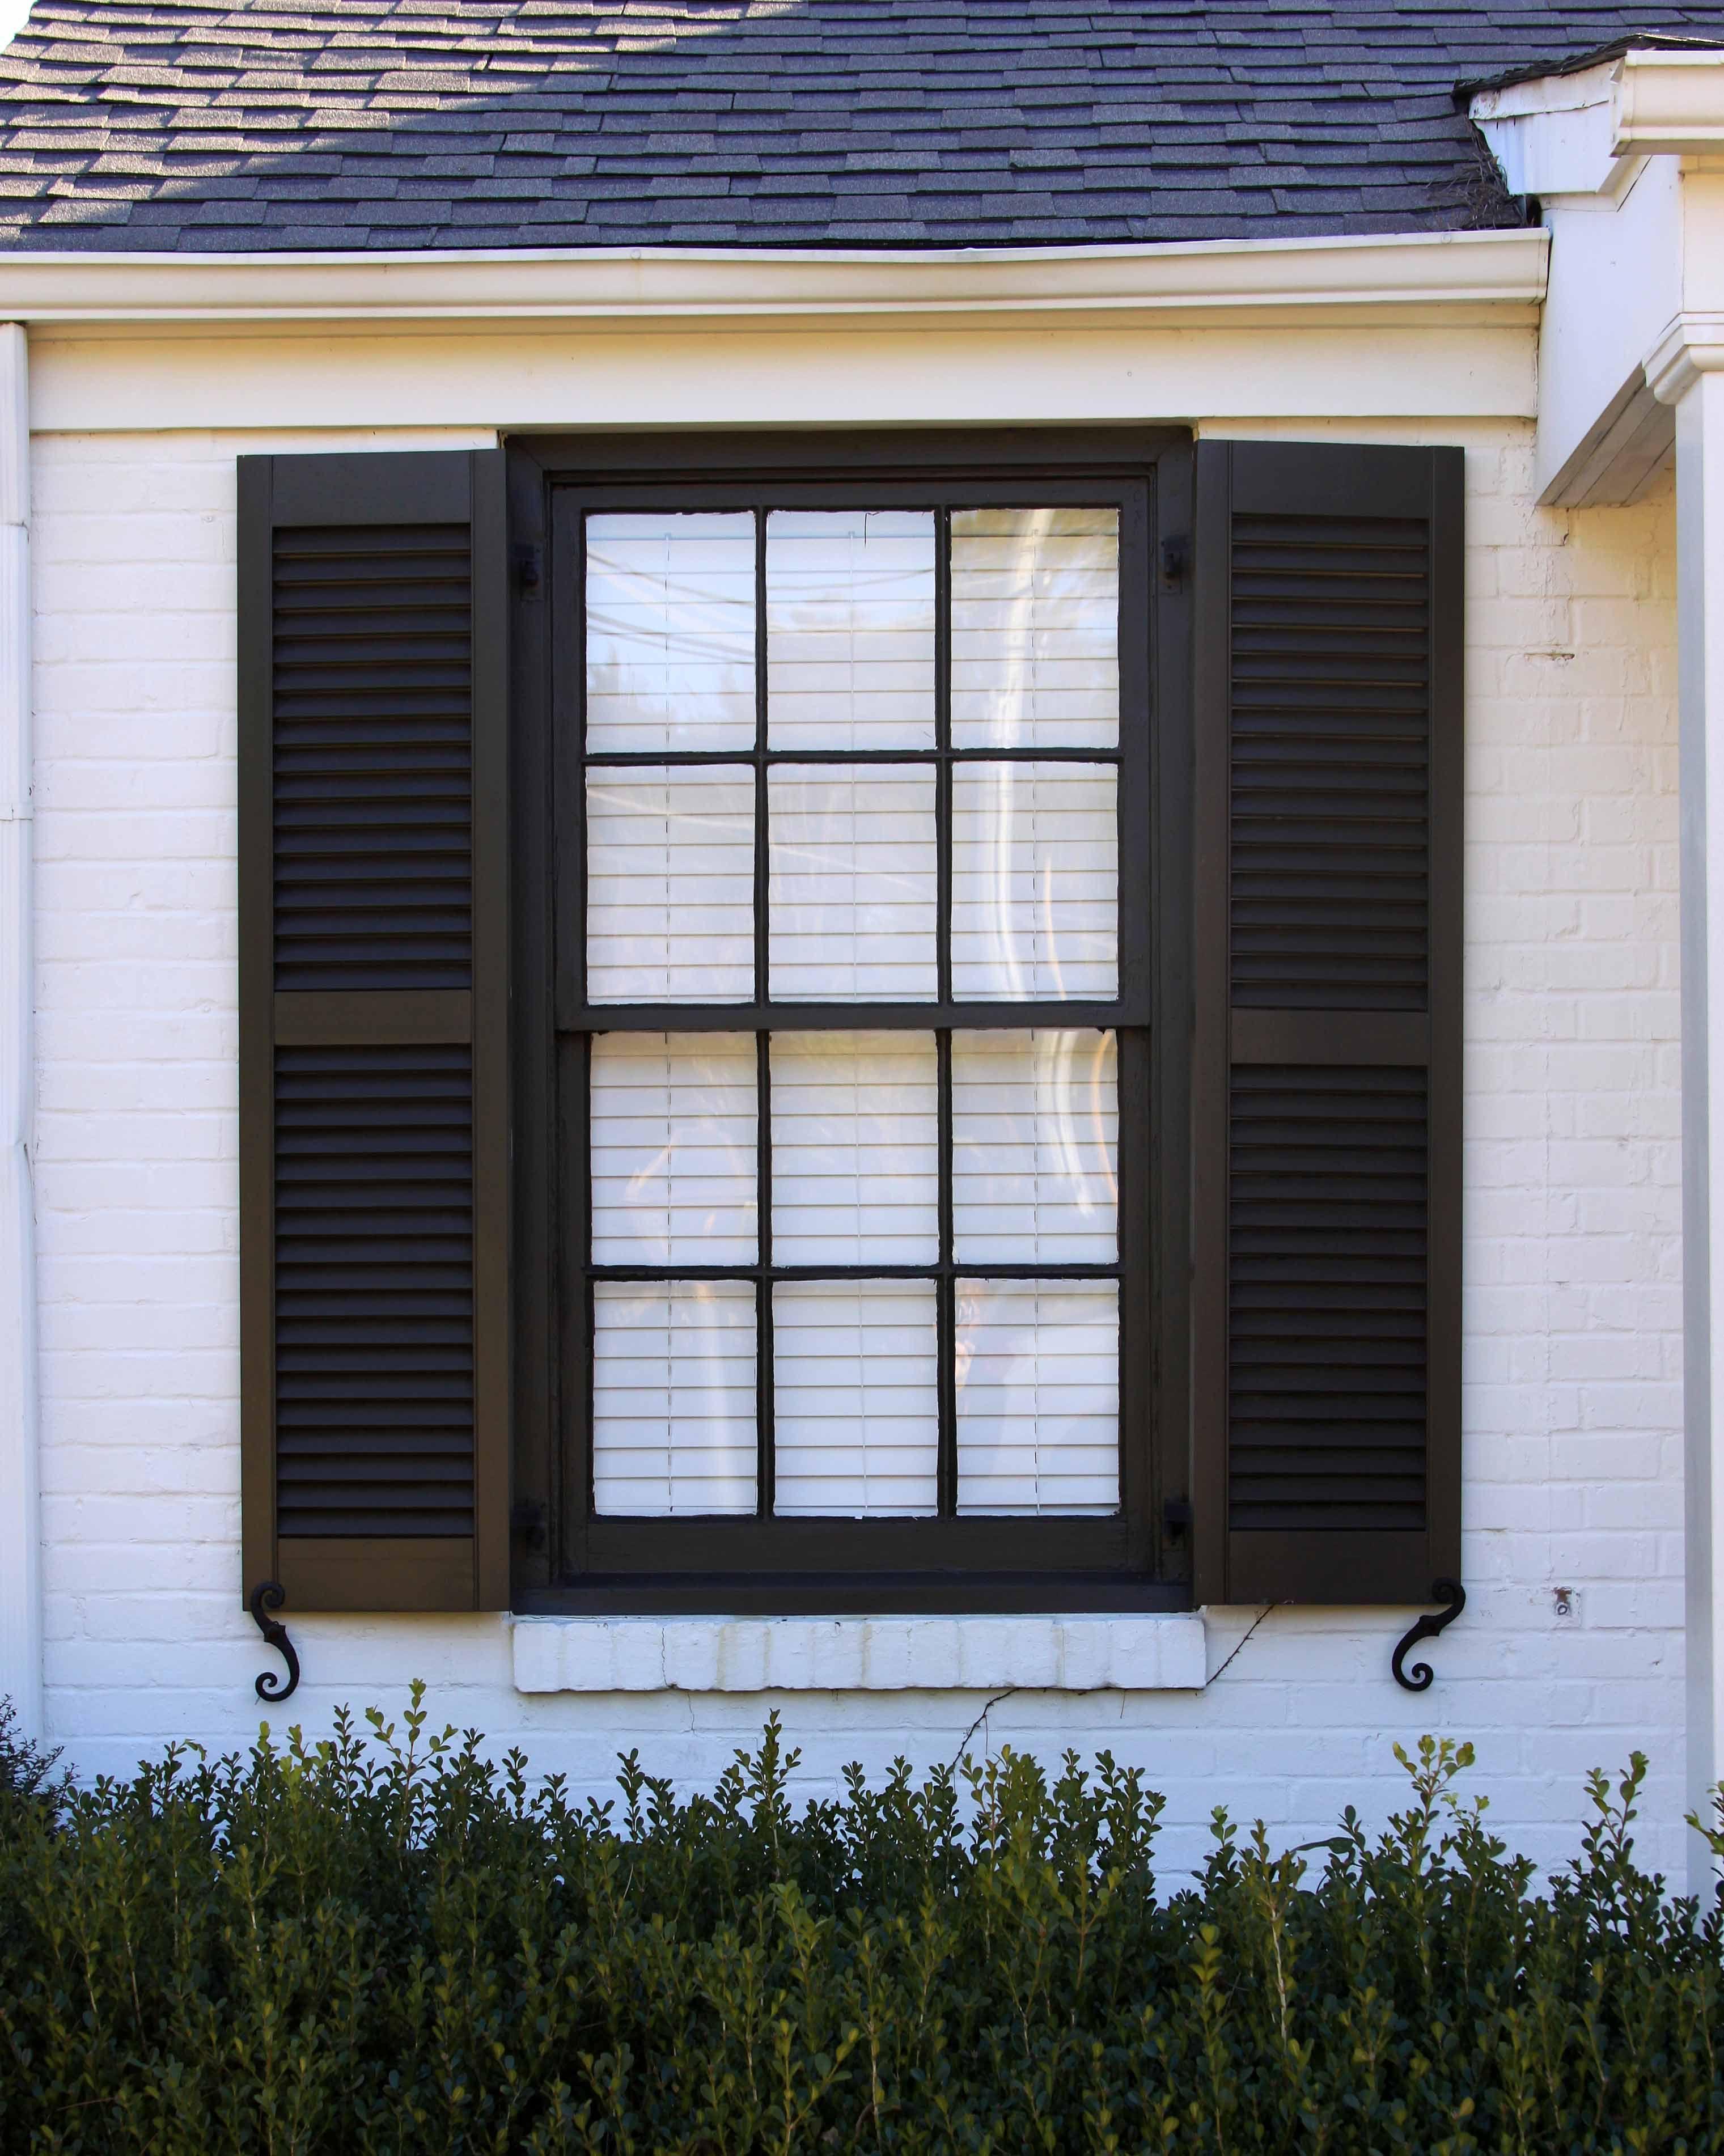 Exterior wood louvered shutter window shutters exterior